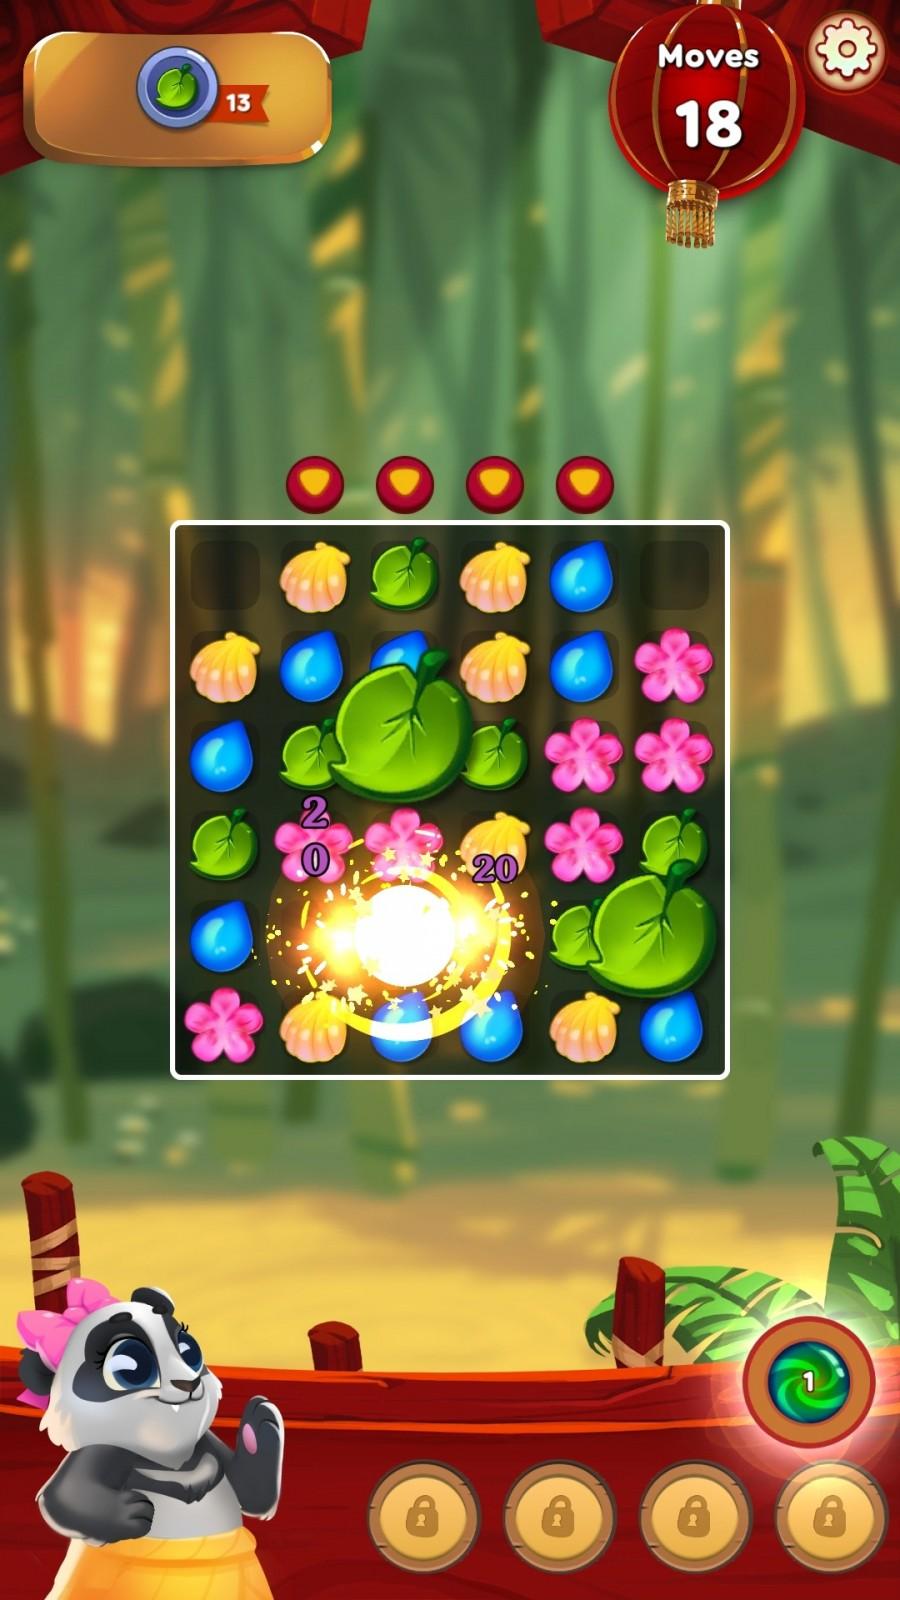 Panda Swap: El Juego de Puzzles con temática China llega a iOS y Android 4